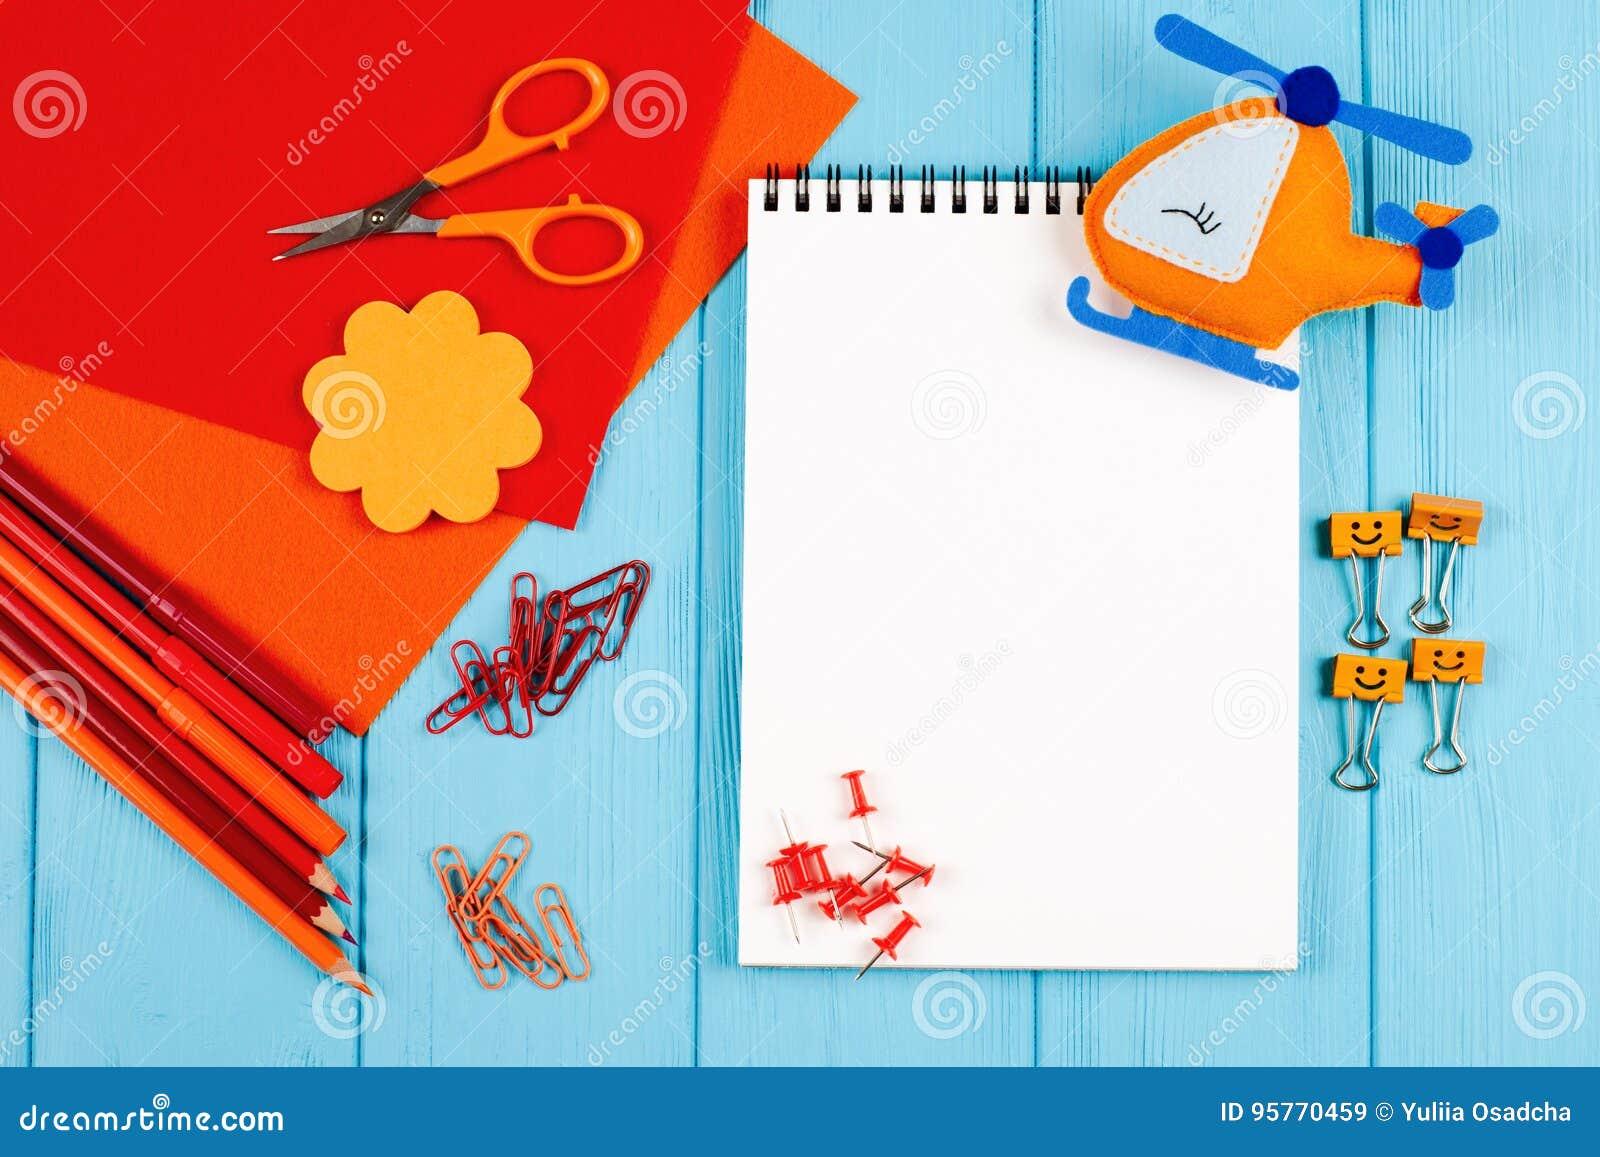 红色和橙色铅笔、毡尖的笔、便条、纸夹、文具钉子、毛毡和剪刀在蓝色木背景